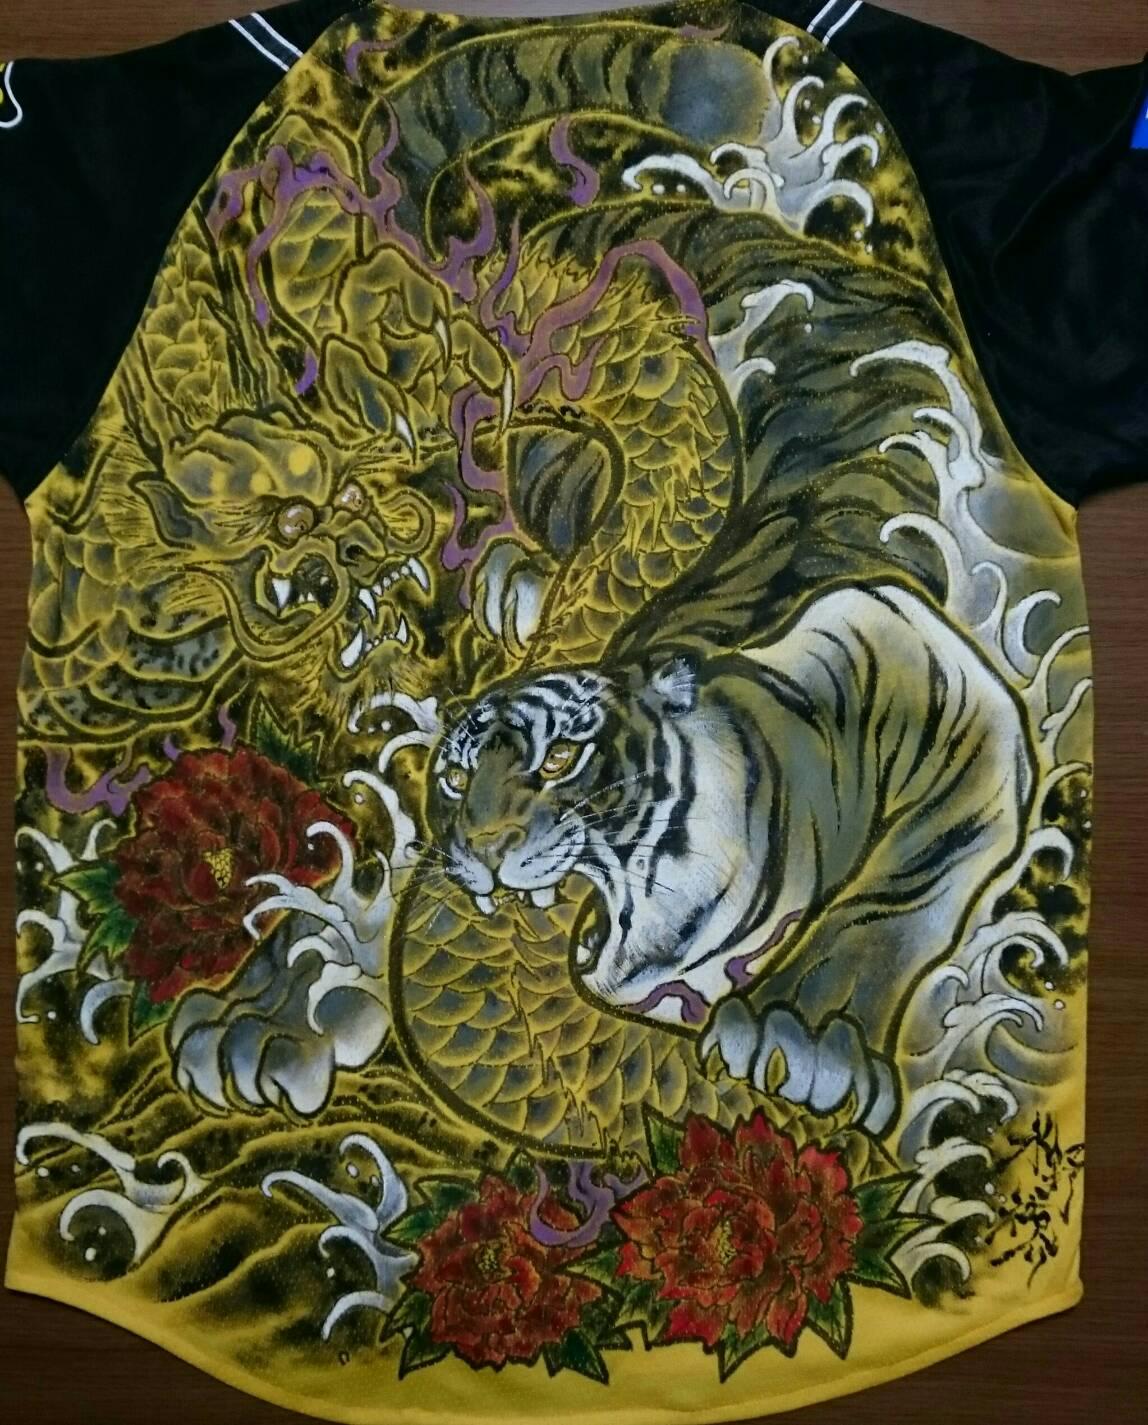 阪神タイガース 手描きユニフォーム 虎と龍